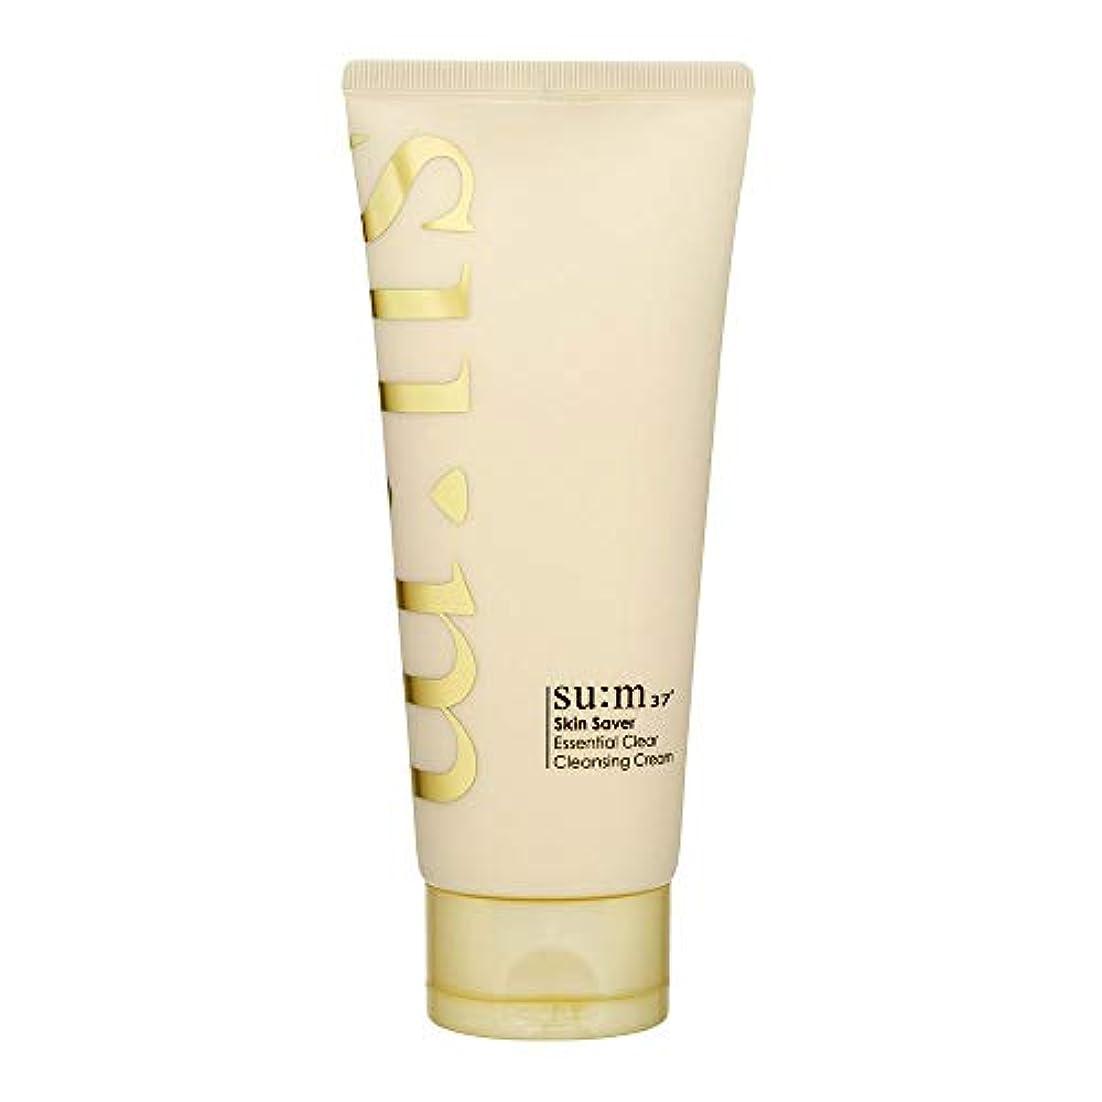 購入シェードネーピア[スム37°] Sum37° スキンセイバー エッセンシャルクリアクレンジングクリーム  Skin saver Essential Clear Cleansing Cream (海外直送品) [並行輸入品]